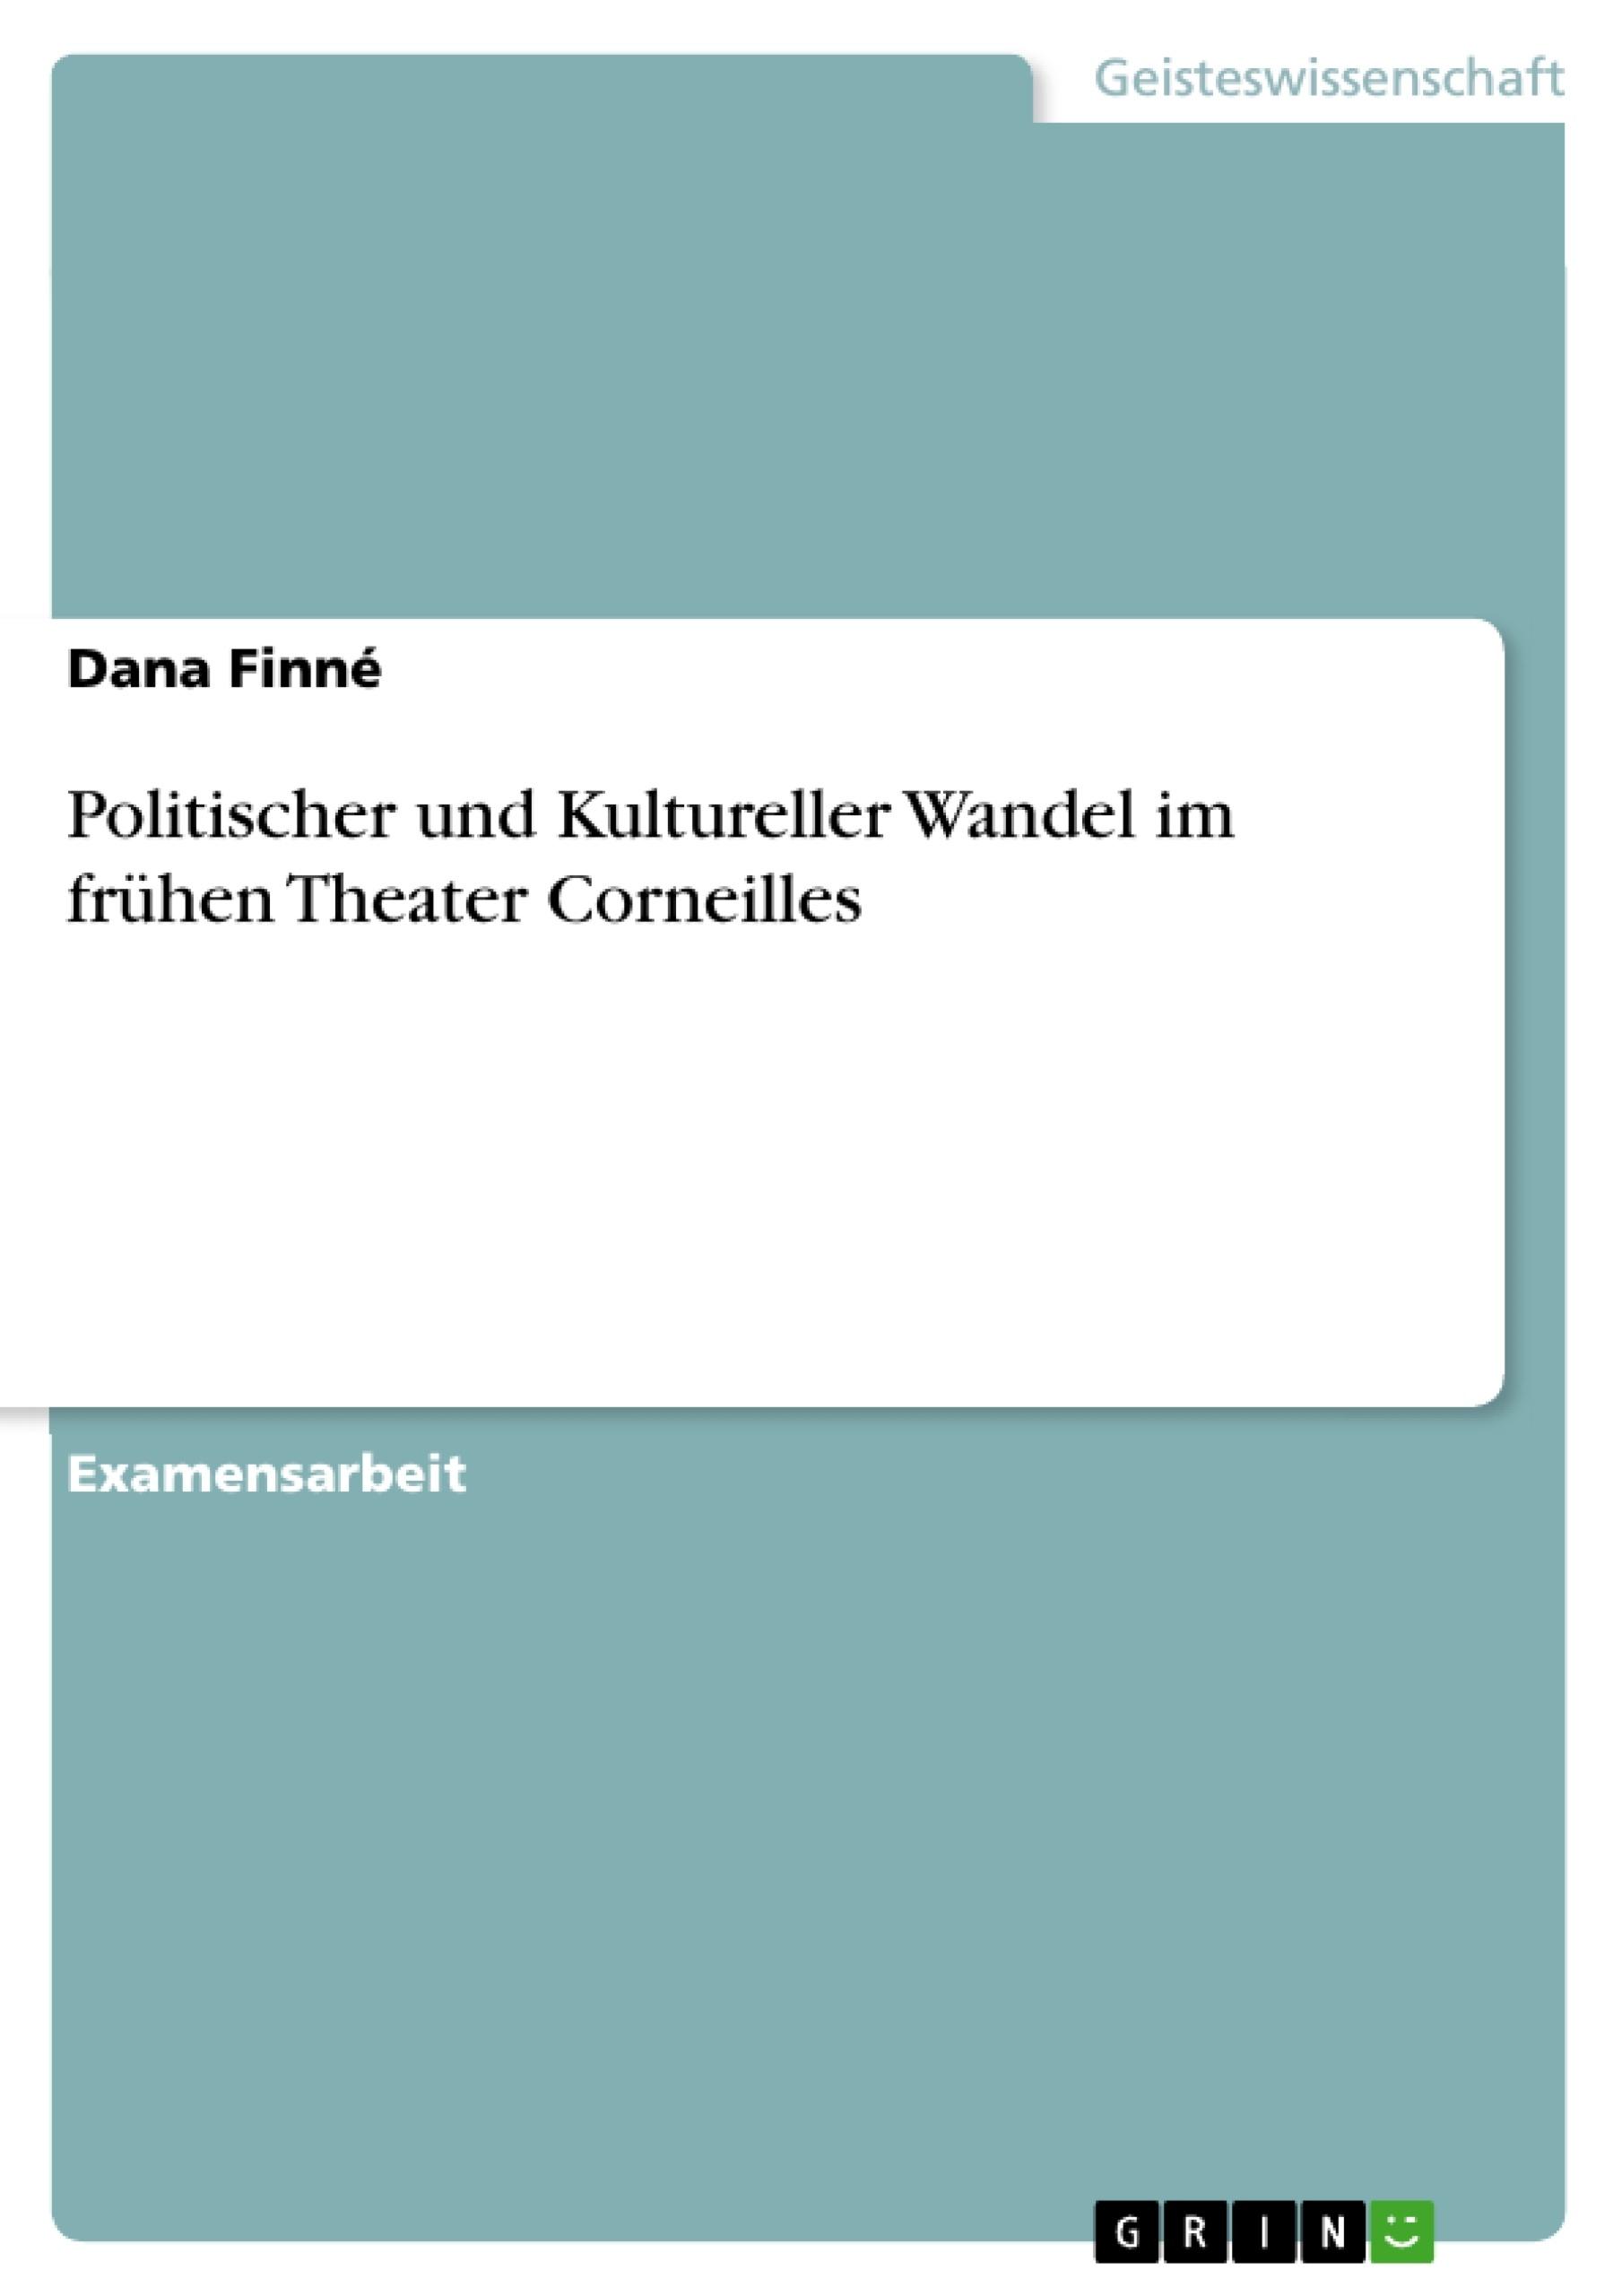 Titel: Politischer und Kultureller Wandel im frühen Theater Corneilles